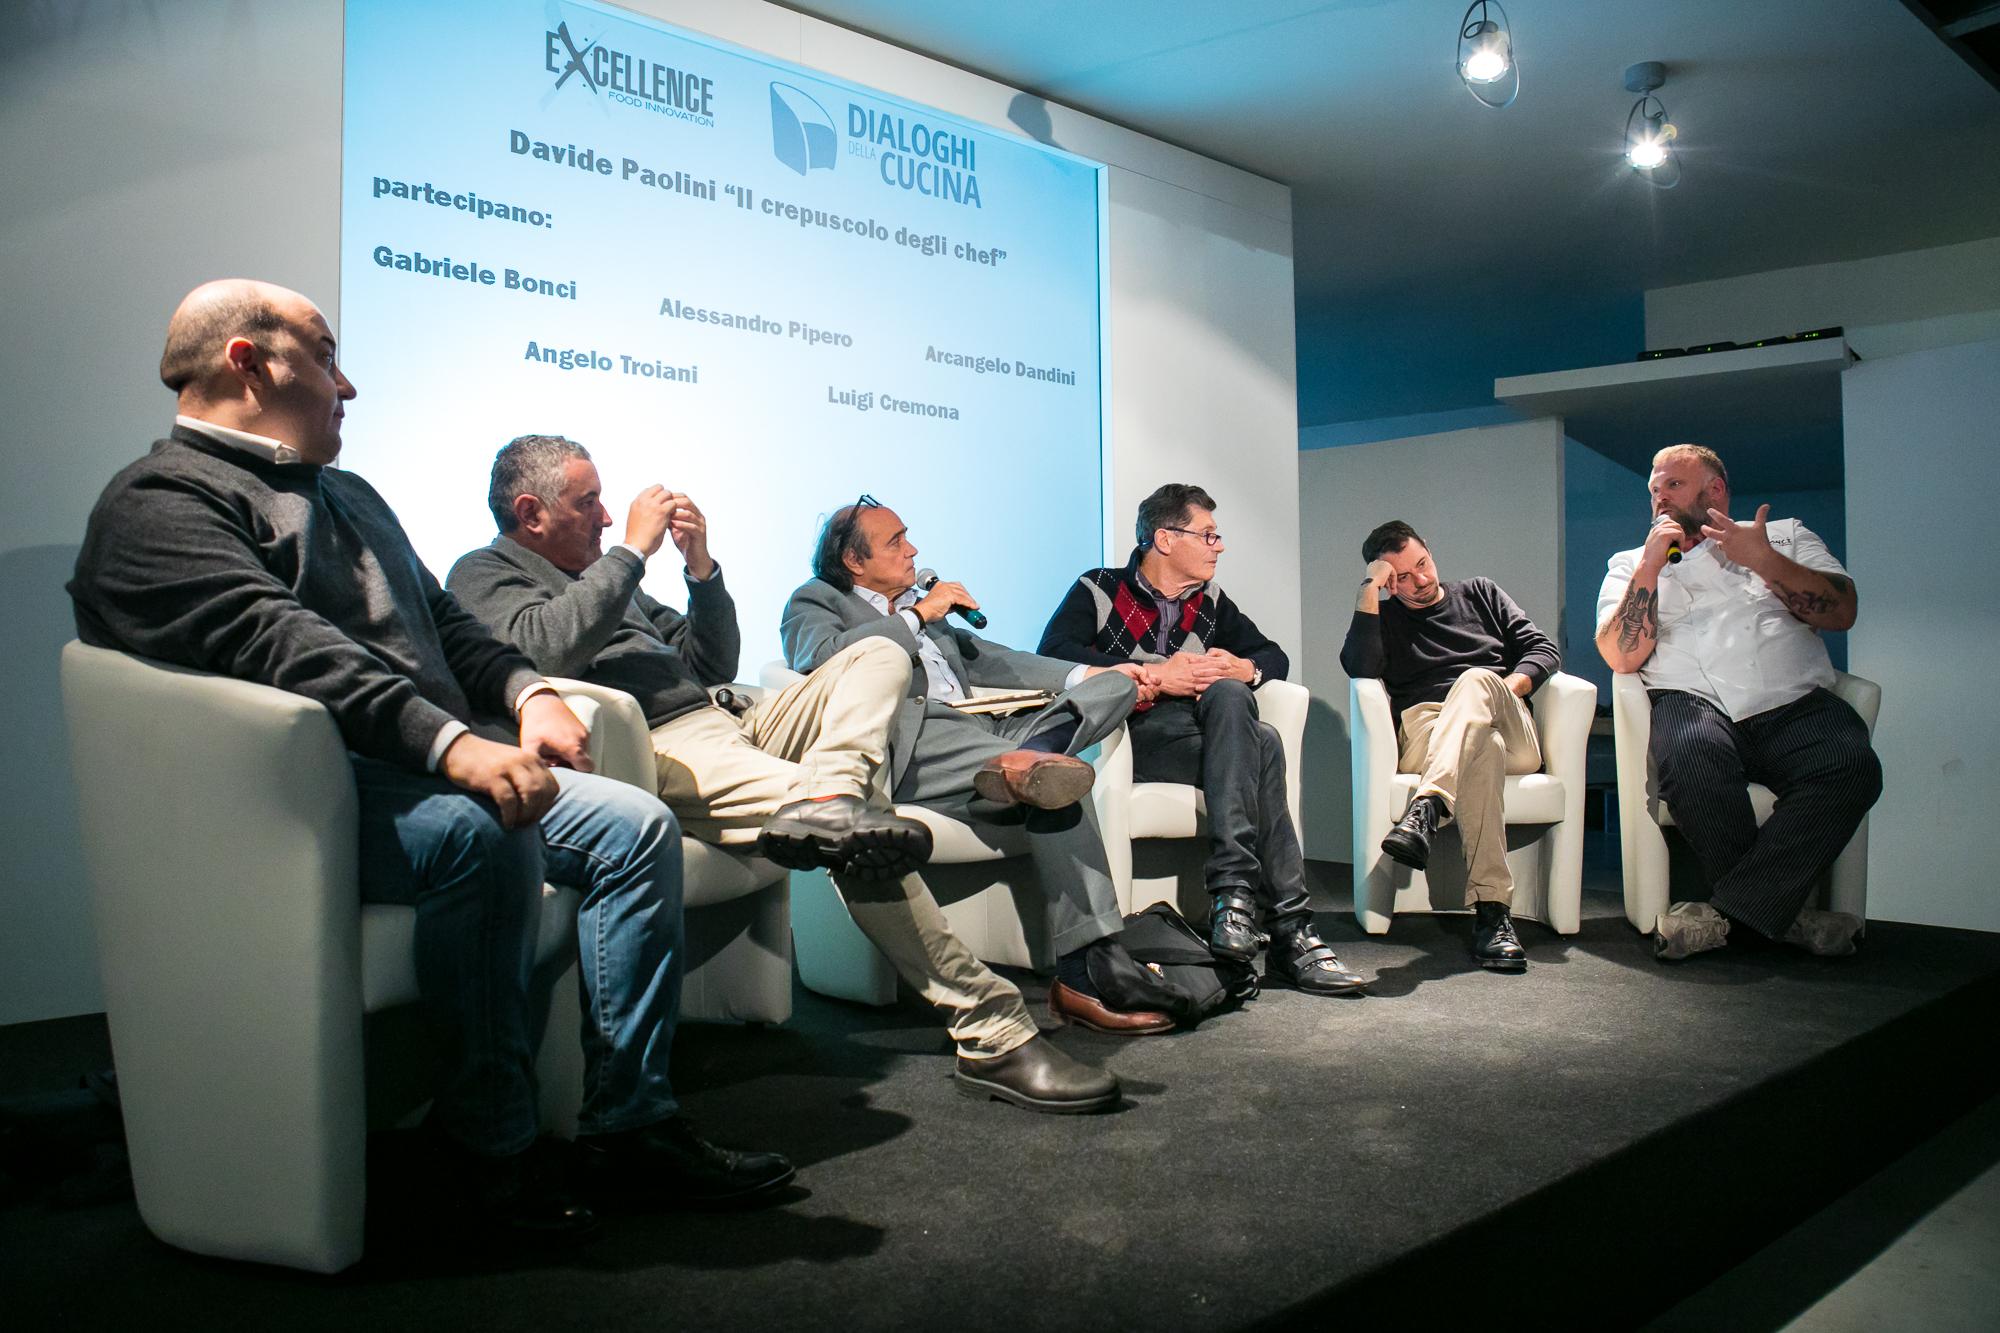 Alessandro Pipero, Arcangelo Dandini, Davide Paolini, Luigi Cremona, Angelo Troiani e Gabriele Bonci